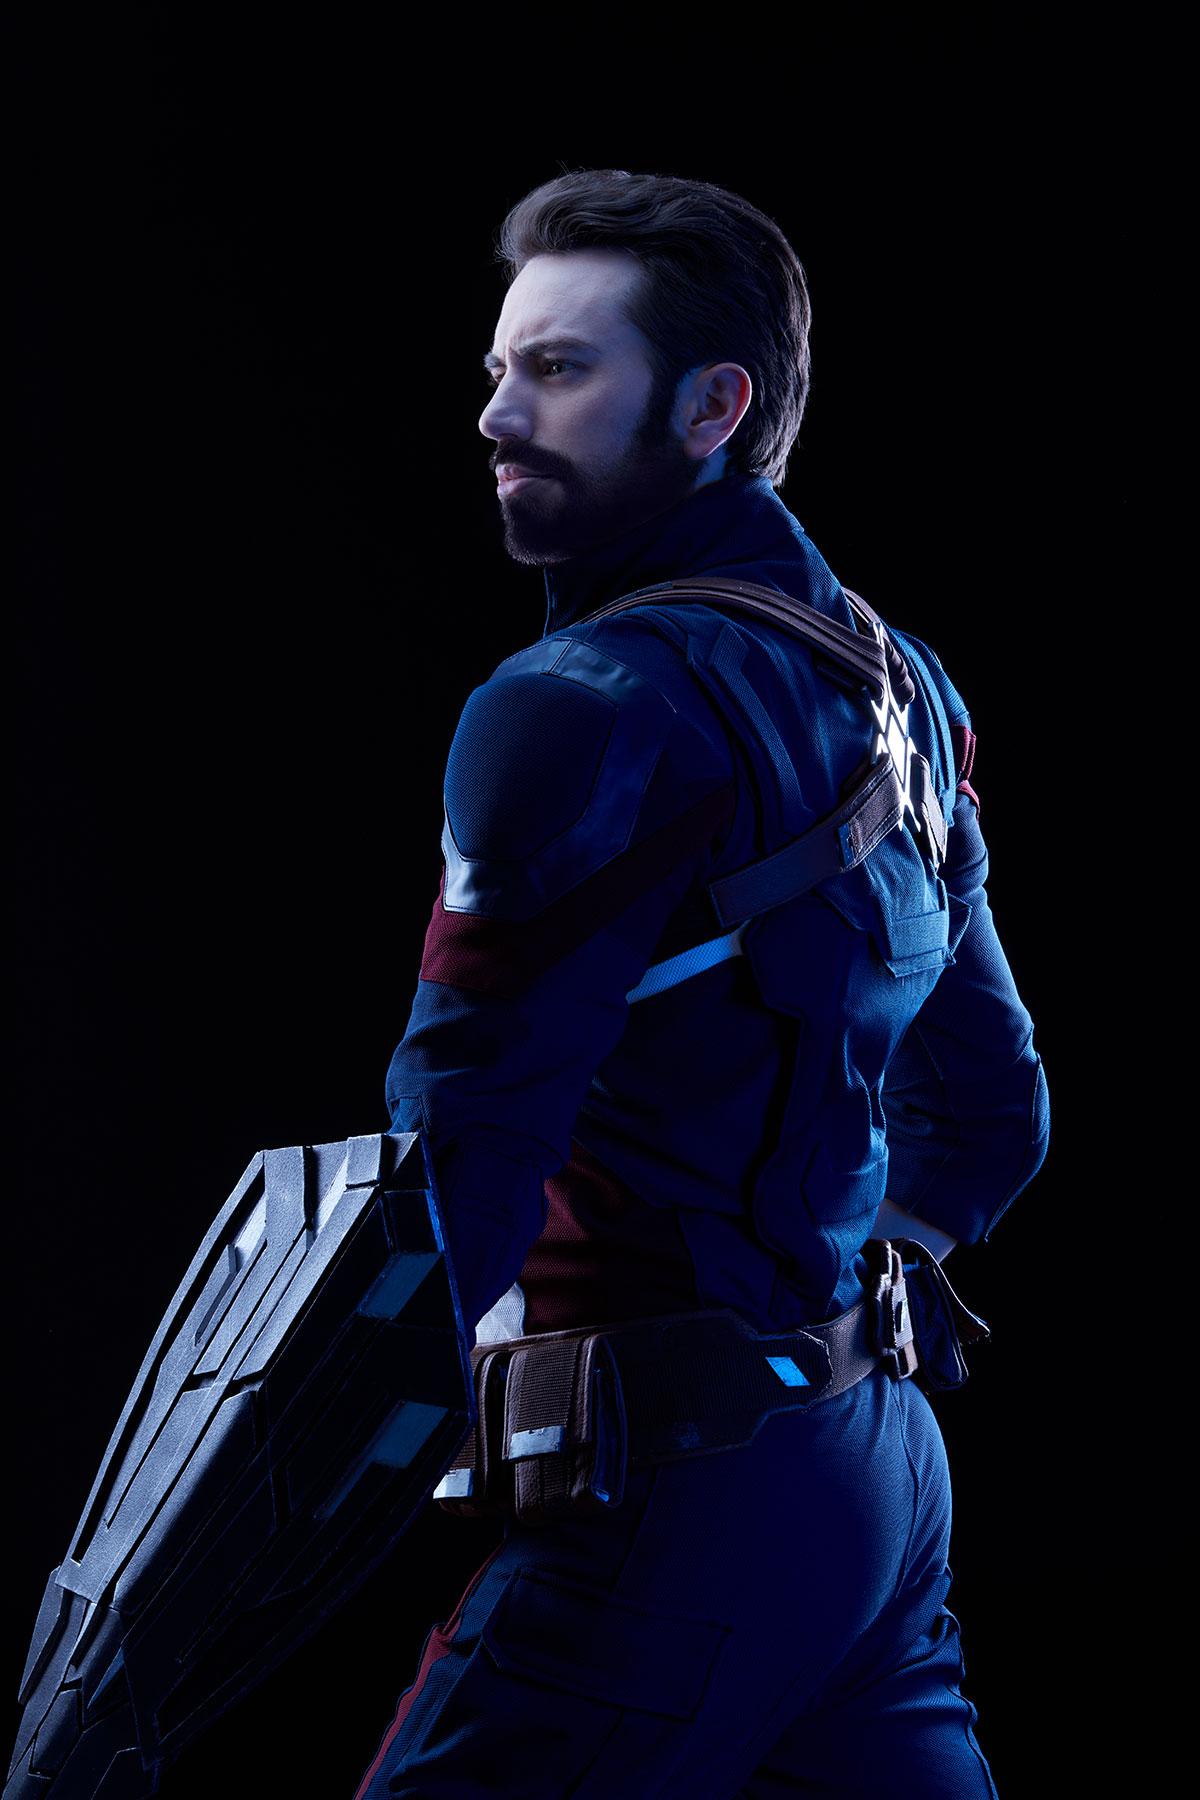 Arthur Sayanoff Captaine America 01 03